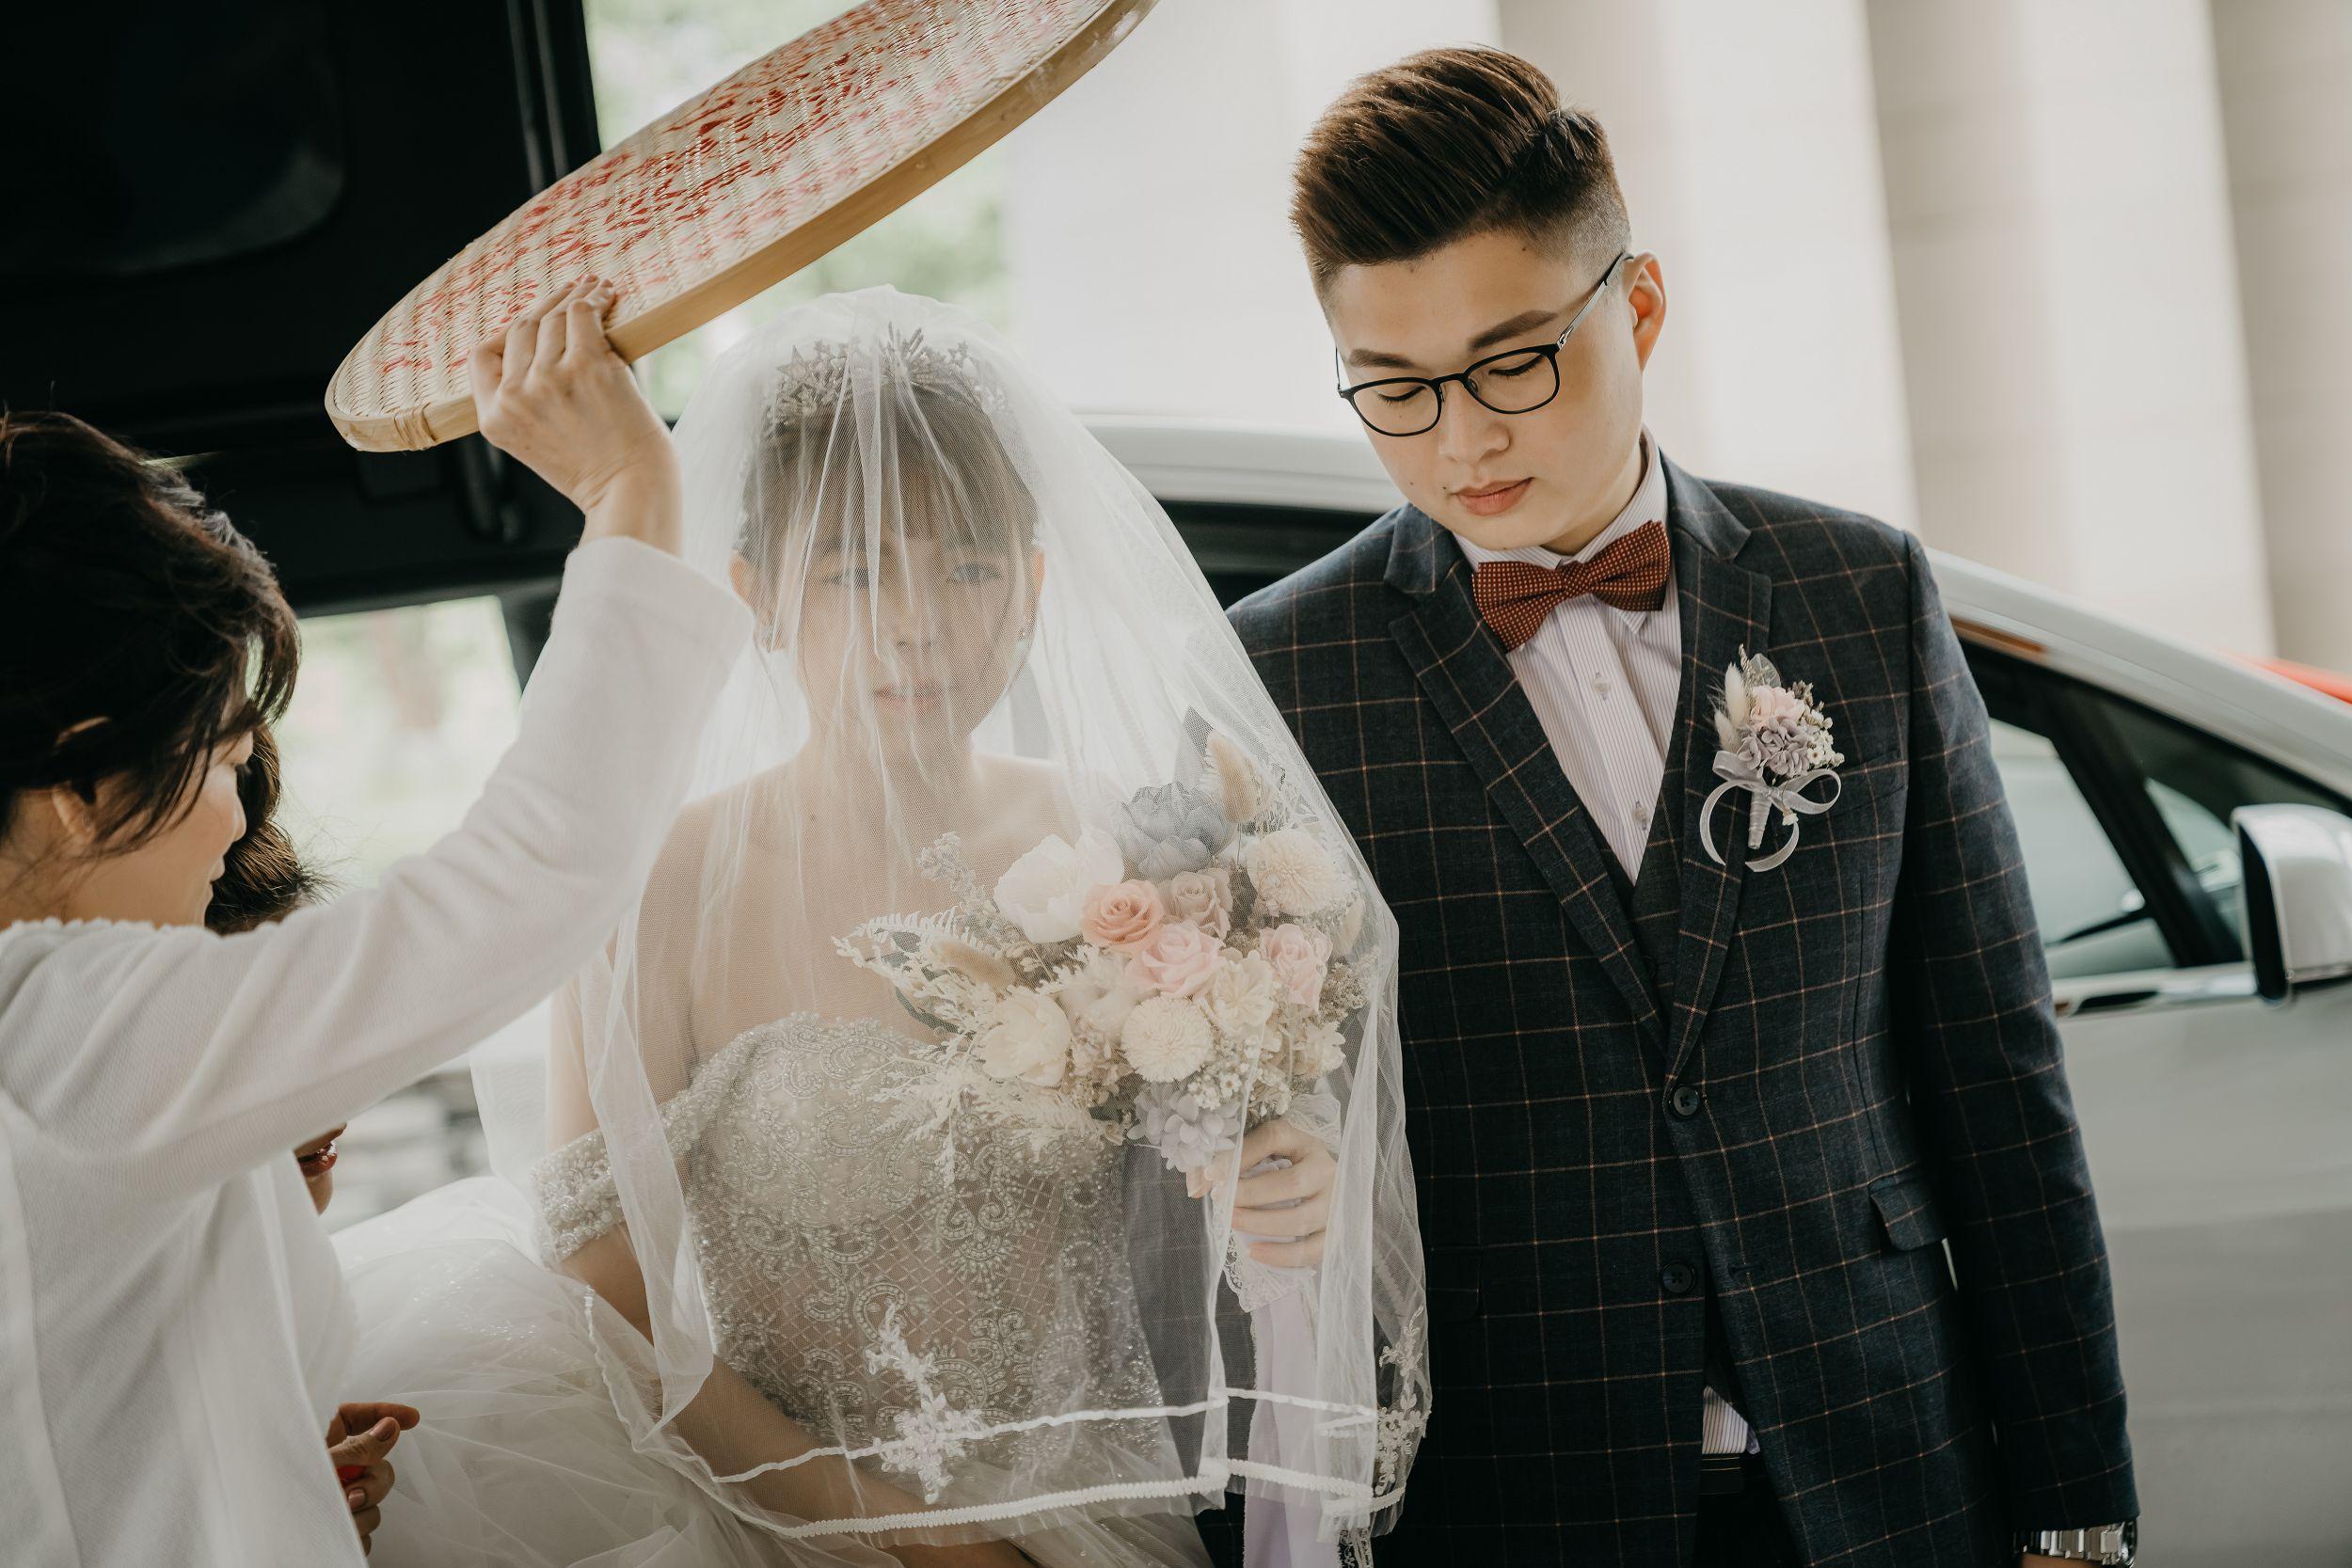 婚禮記錄,婚攝,桃園,大溪,威斯汀,雙機攝影,攝影師,婚顧,婚禮主持,婚禮造型,新秘,類婚紗,全家福,訂婚儀式,結婚儀式,婚攝,北部攝影師,桃園婚攝,龍鳳掛,婚鞋,喜娘DUDU